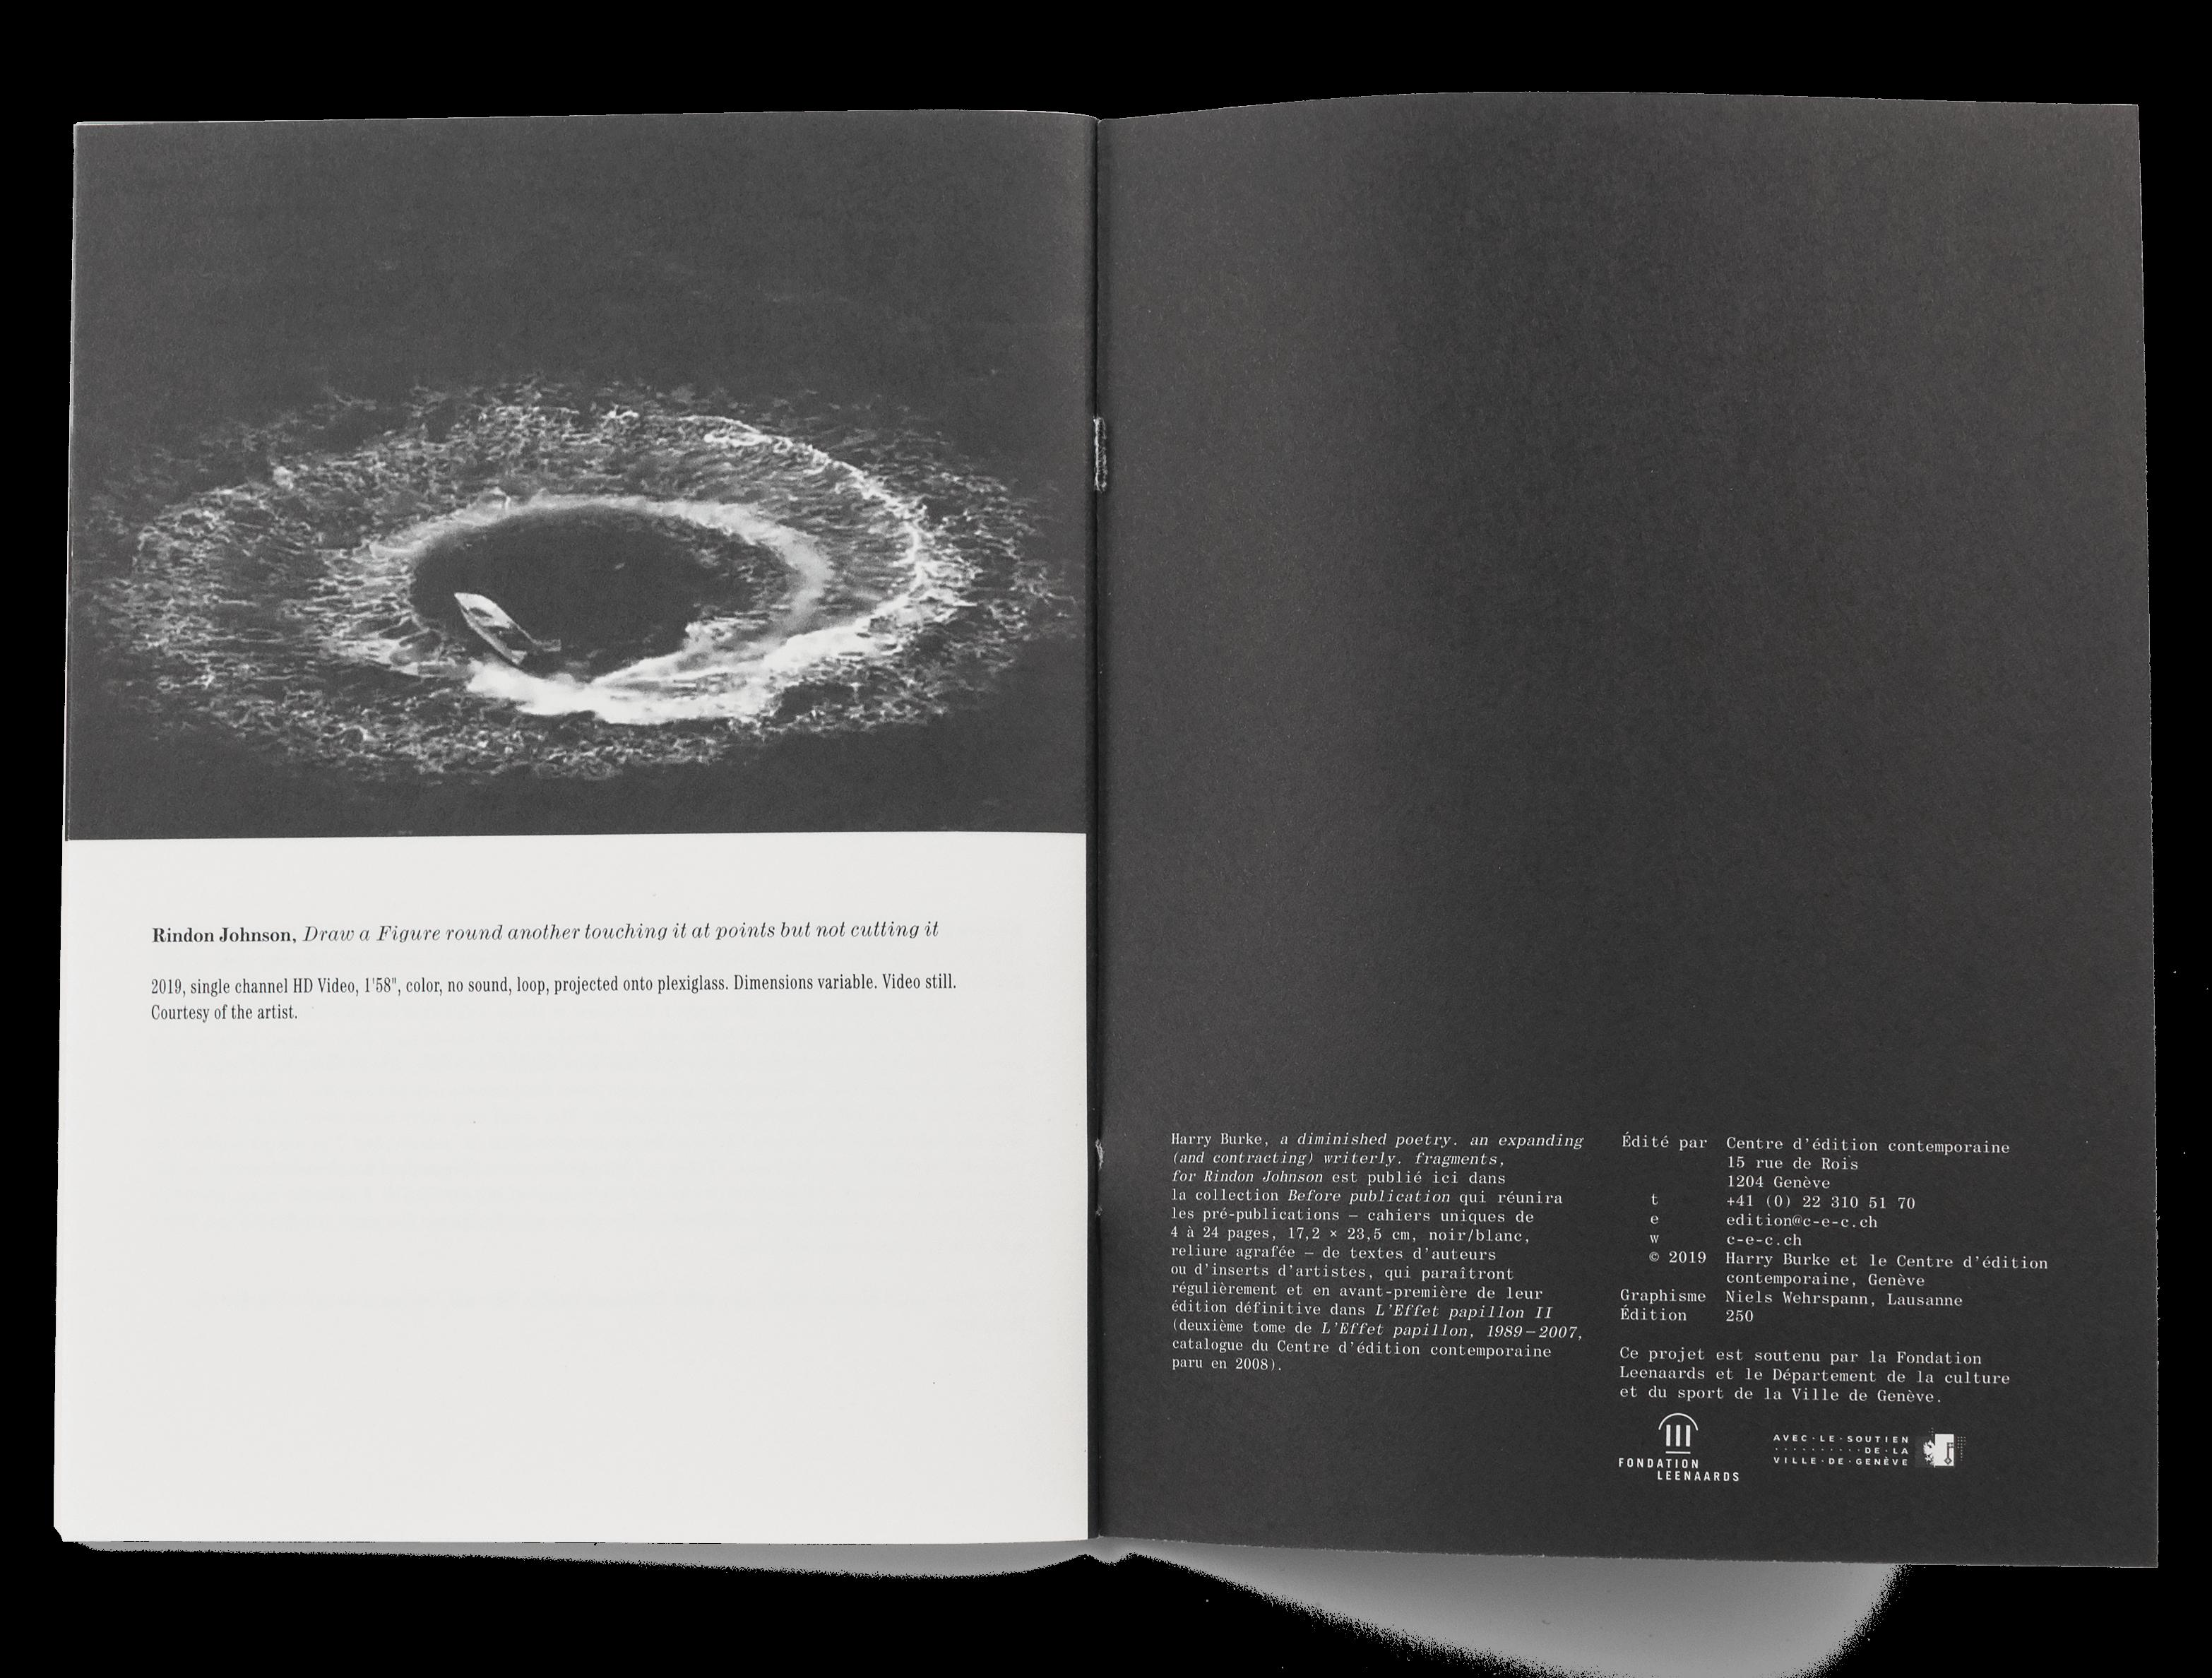 Intérieur de la brochure de Harry Burke pour le Centre d'édition contemporaine Genève